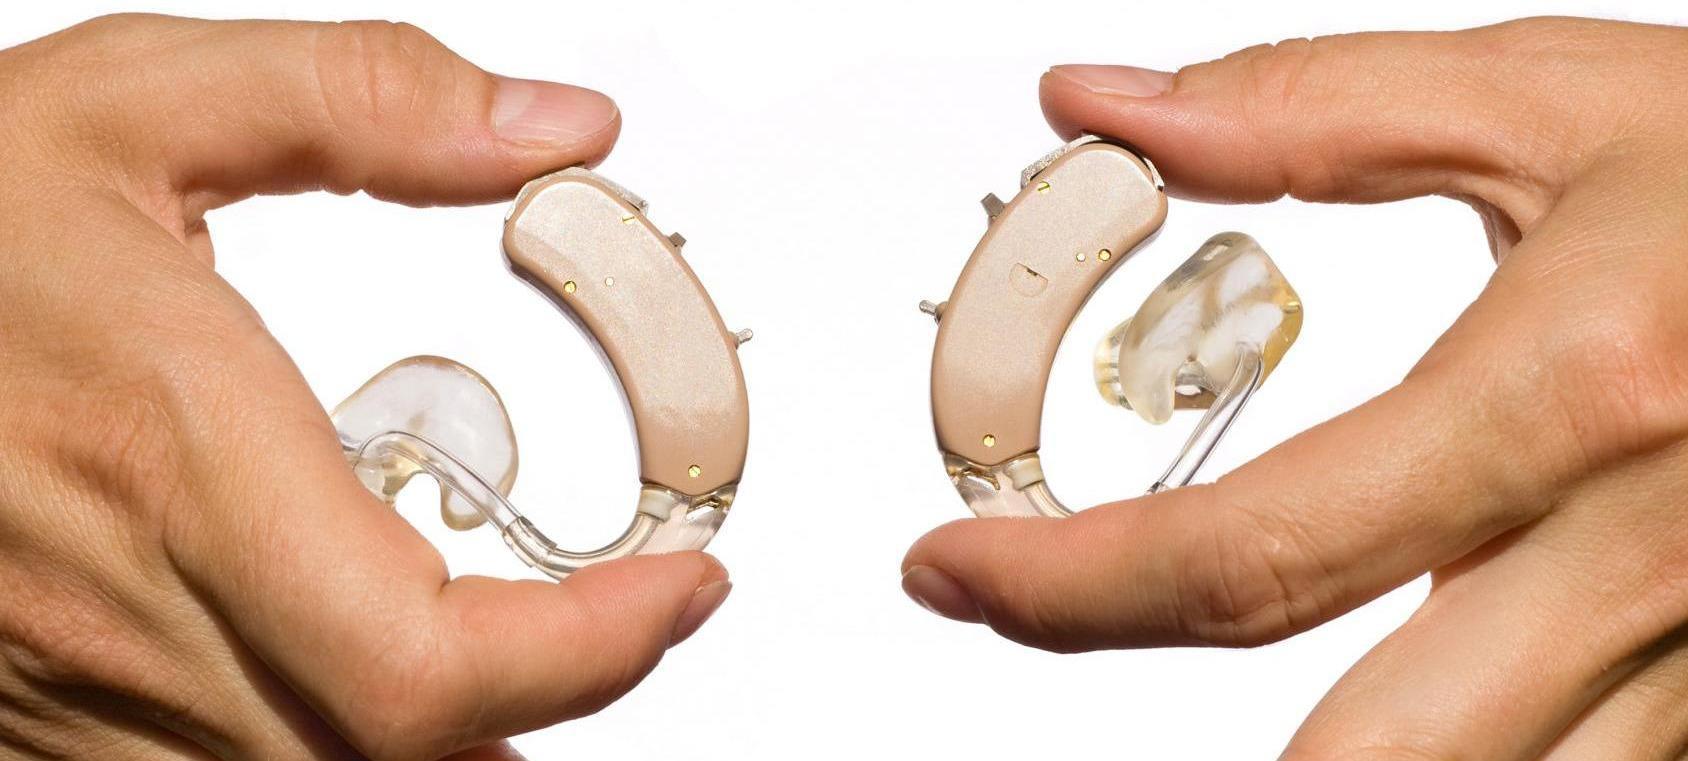 Aide auditive : comment ne pas se tromper ?